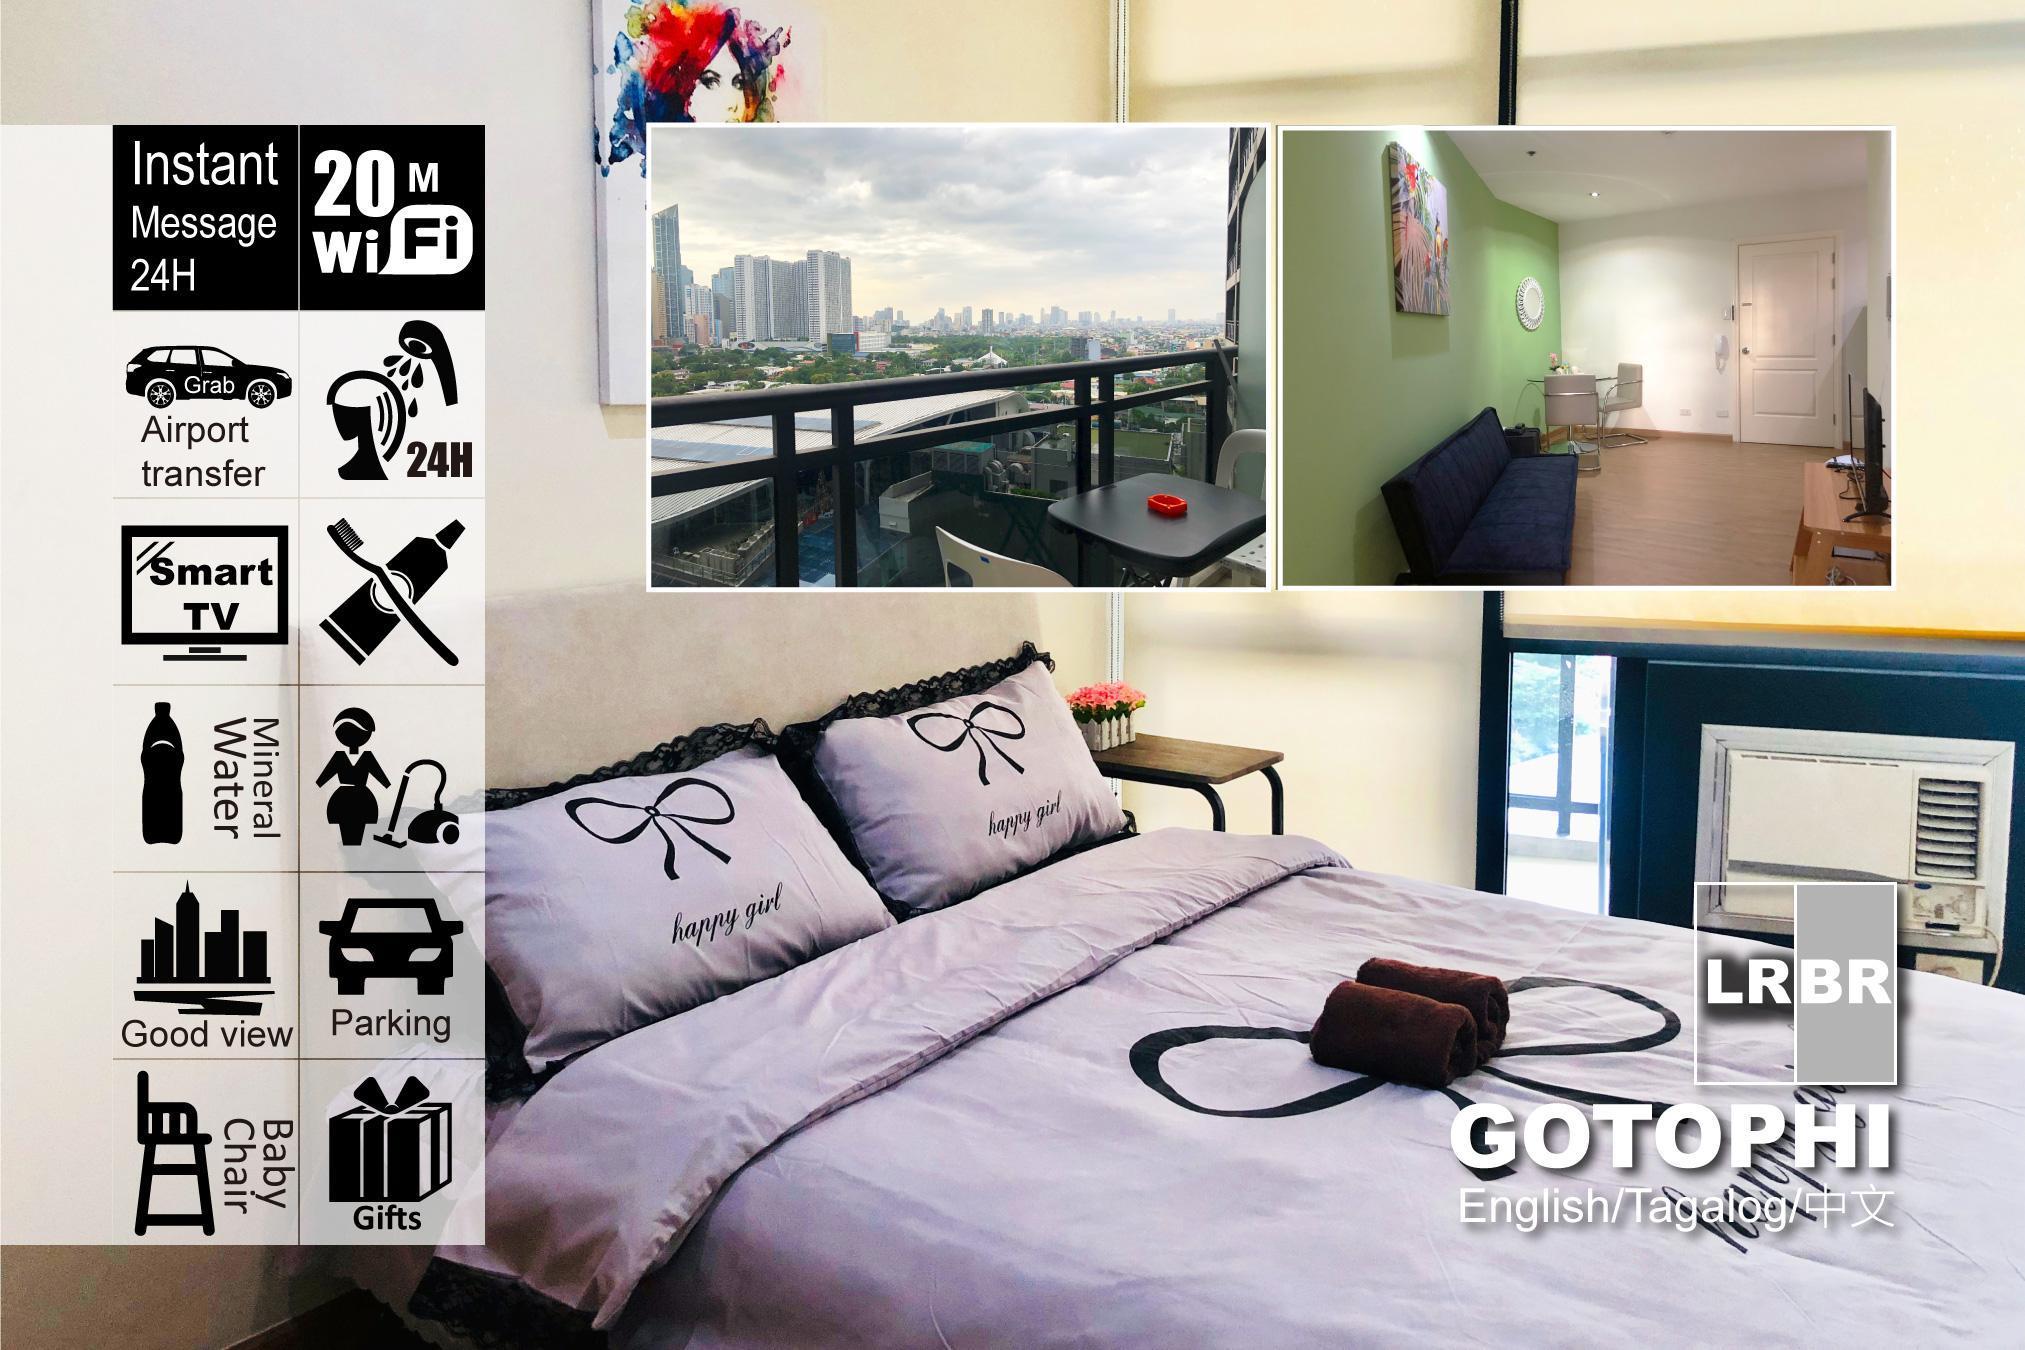 Gotophi 5Star Hotel 1BR Gramercy Makati 1407